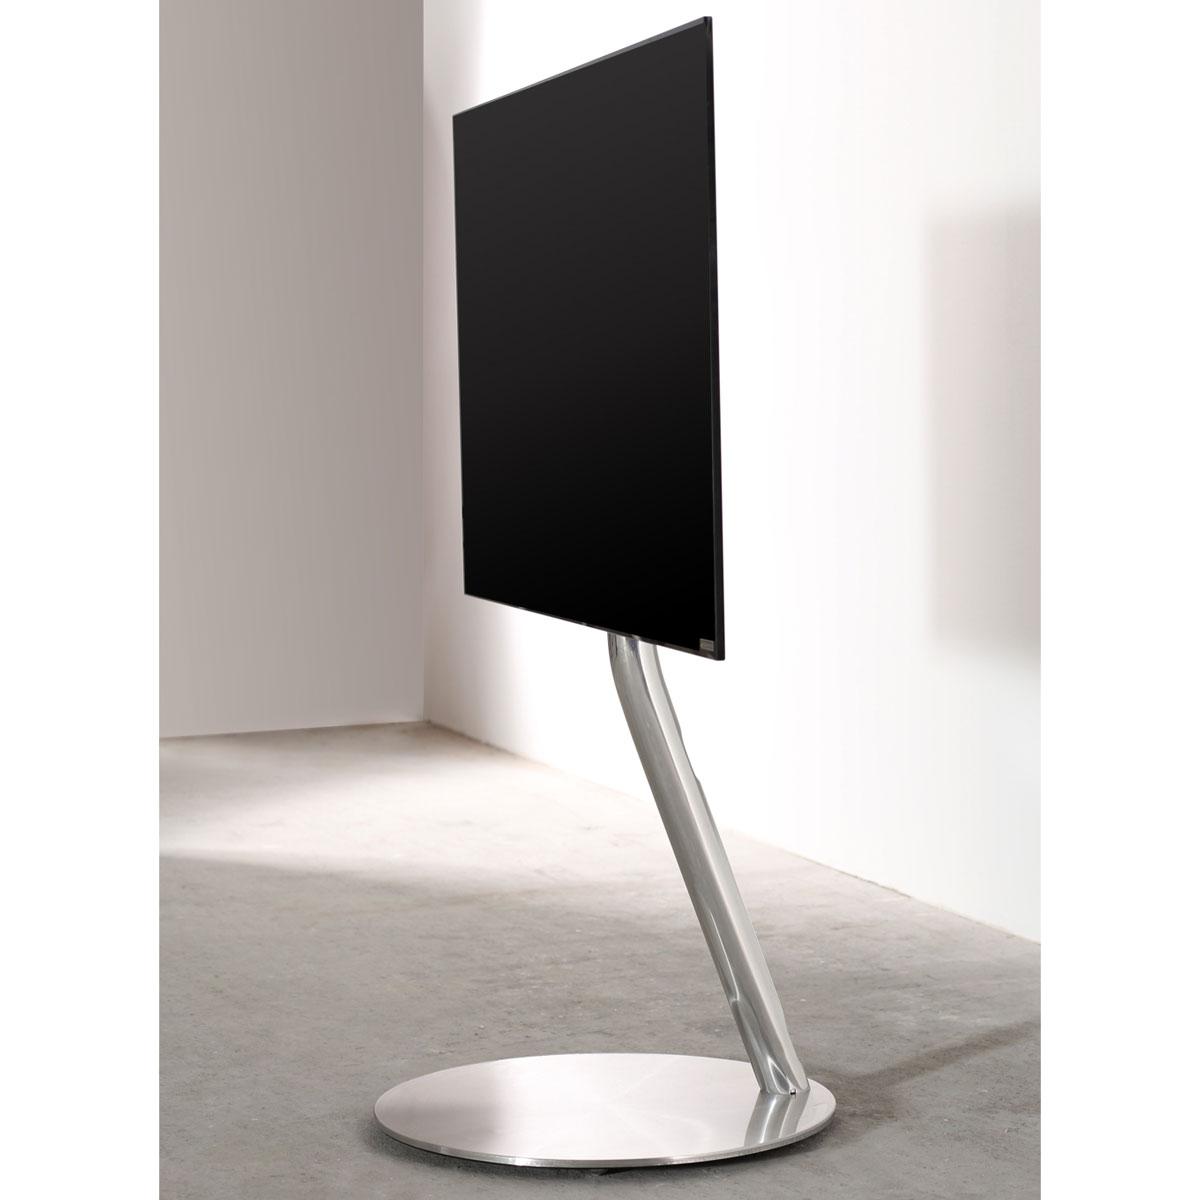 wissmann raumobjekte bei hifi tv seite 1. Black Bedroom Furniture Sets. Home Design Ideas